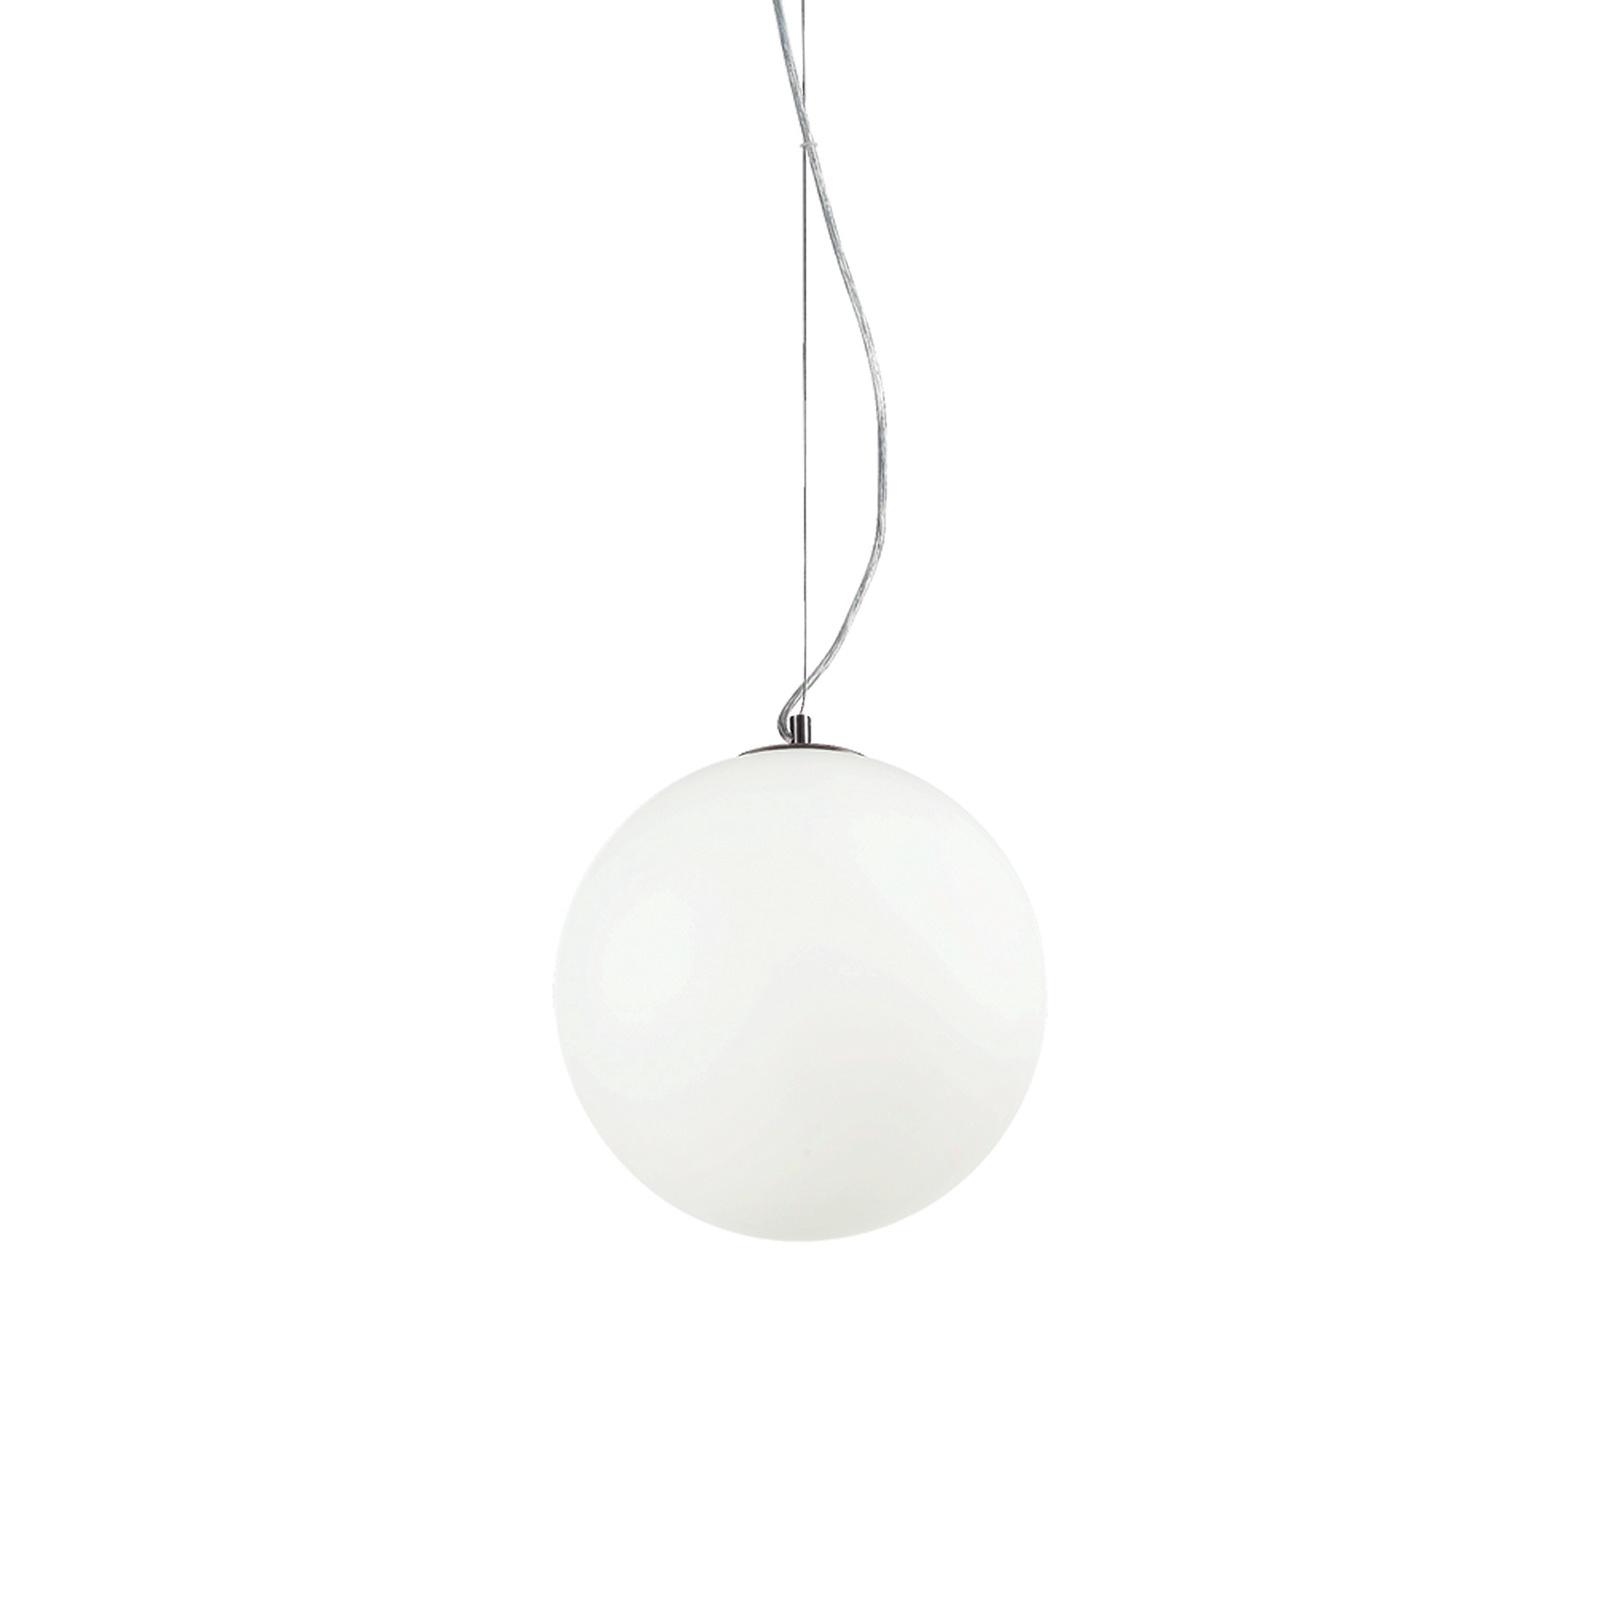 Подвесной светильник Ideal Lux SP1 D30 BIANCO ideal lux подвесной светильник ideal lux cylinder sp1 d30 bianco